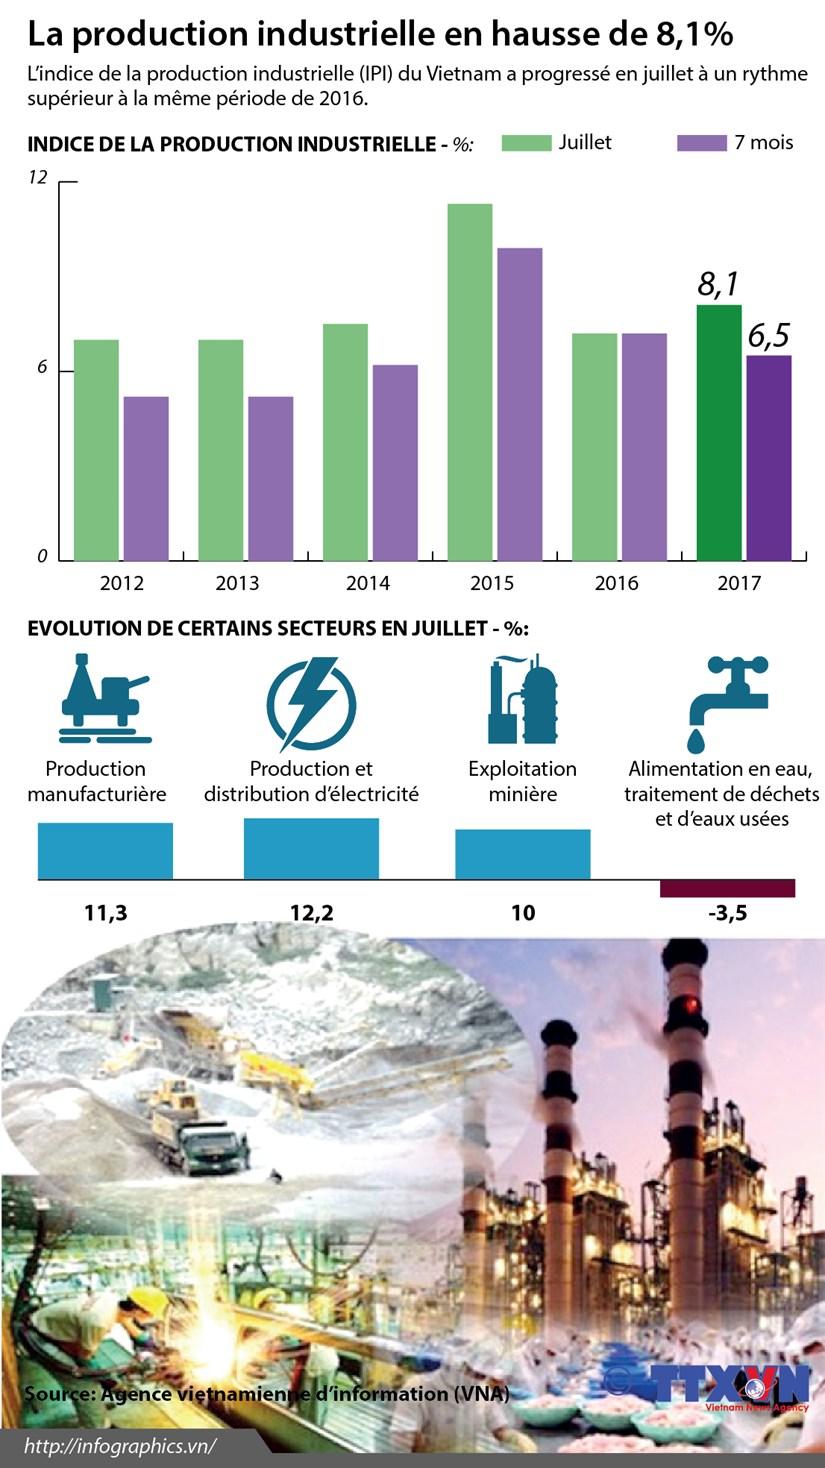 [Infographie] La production industrielle vietnamienne en hausse de 8,1% en juillet hinh anh 1